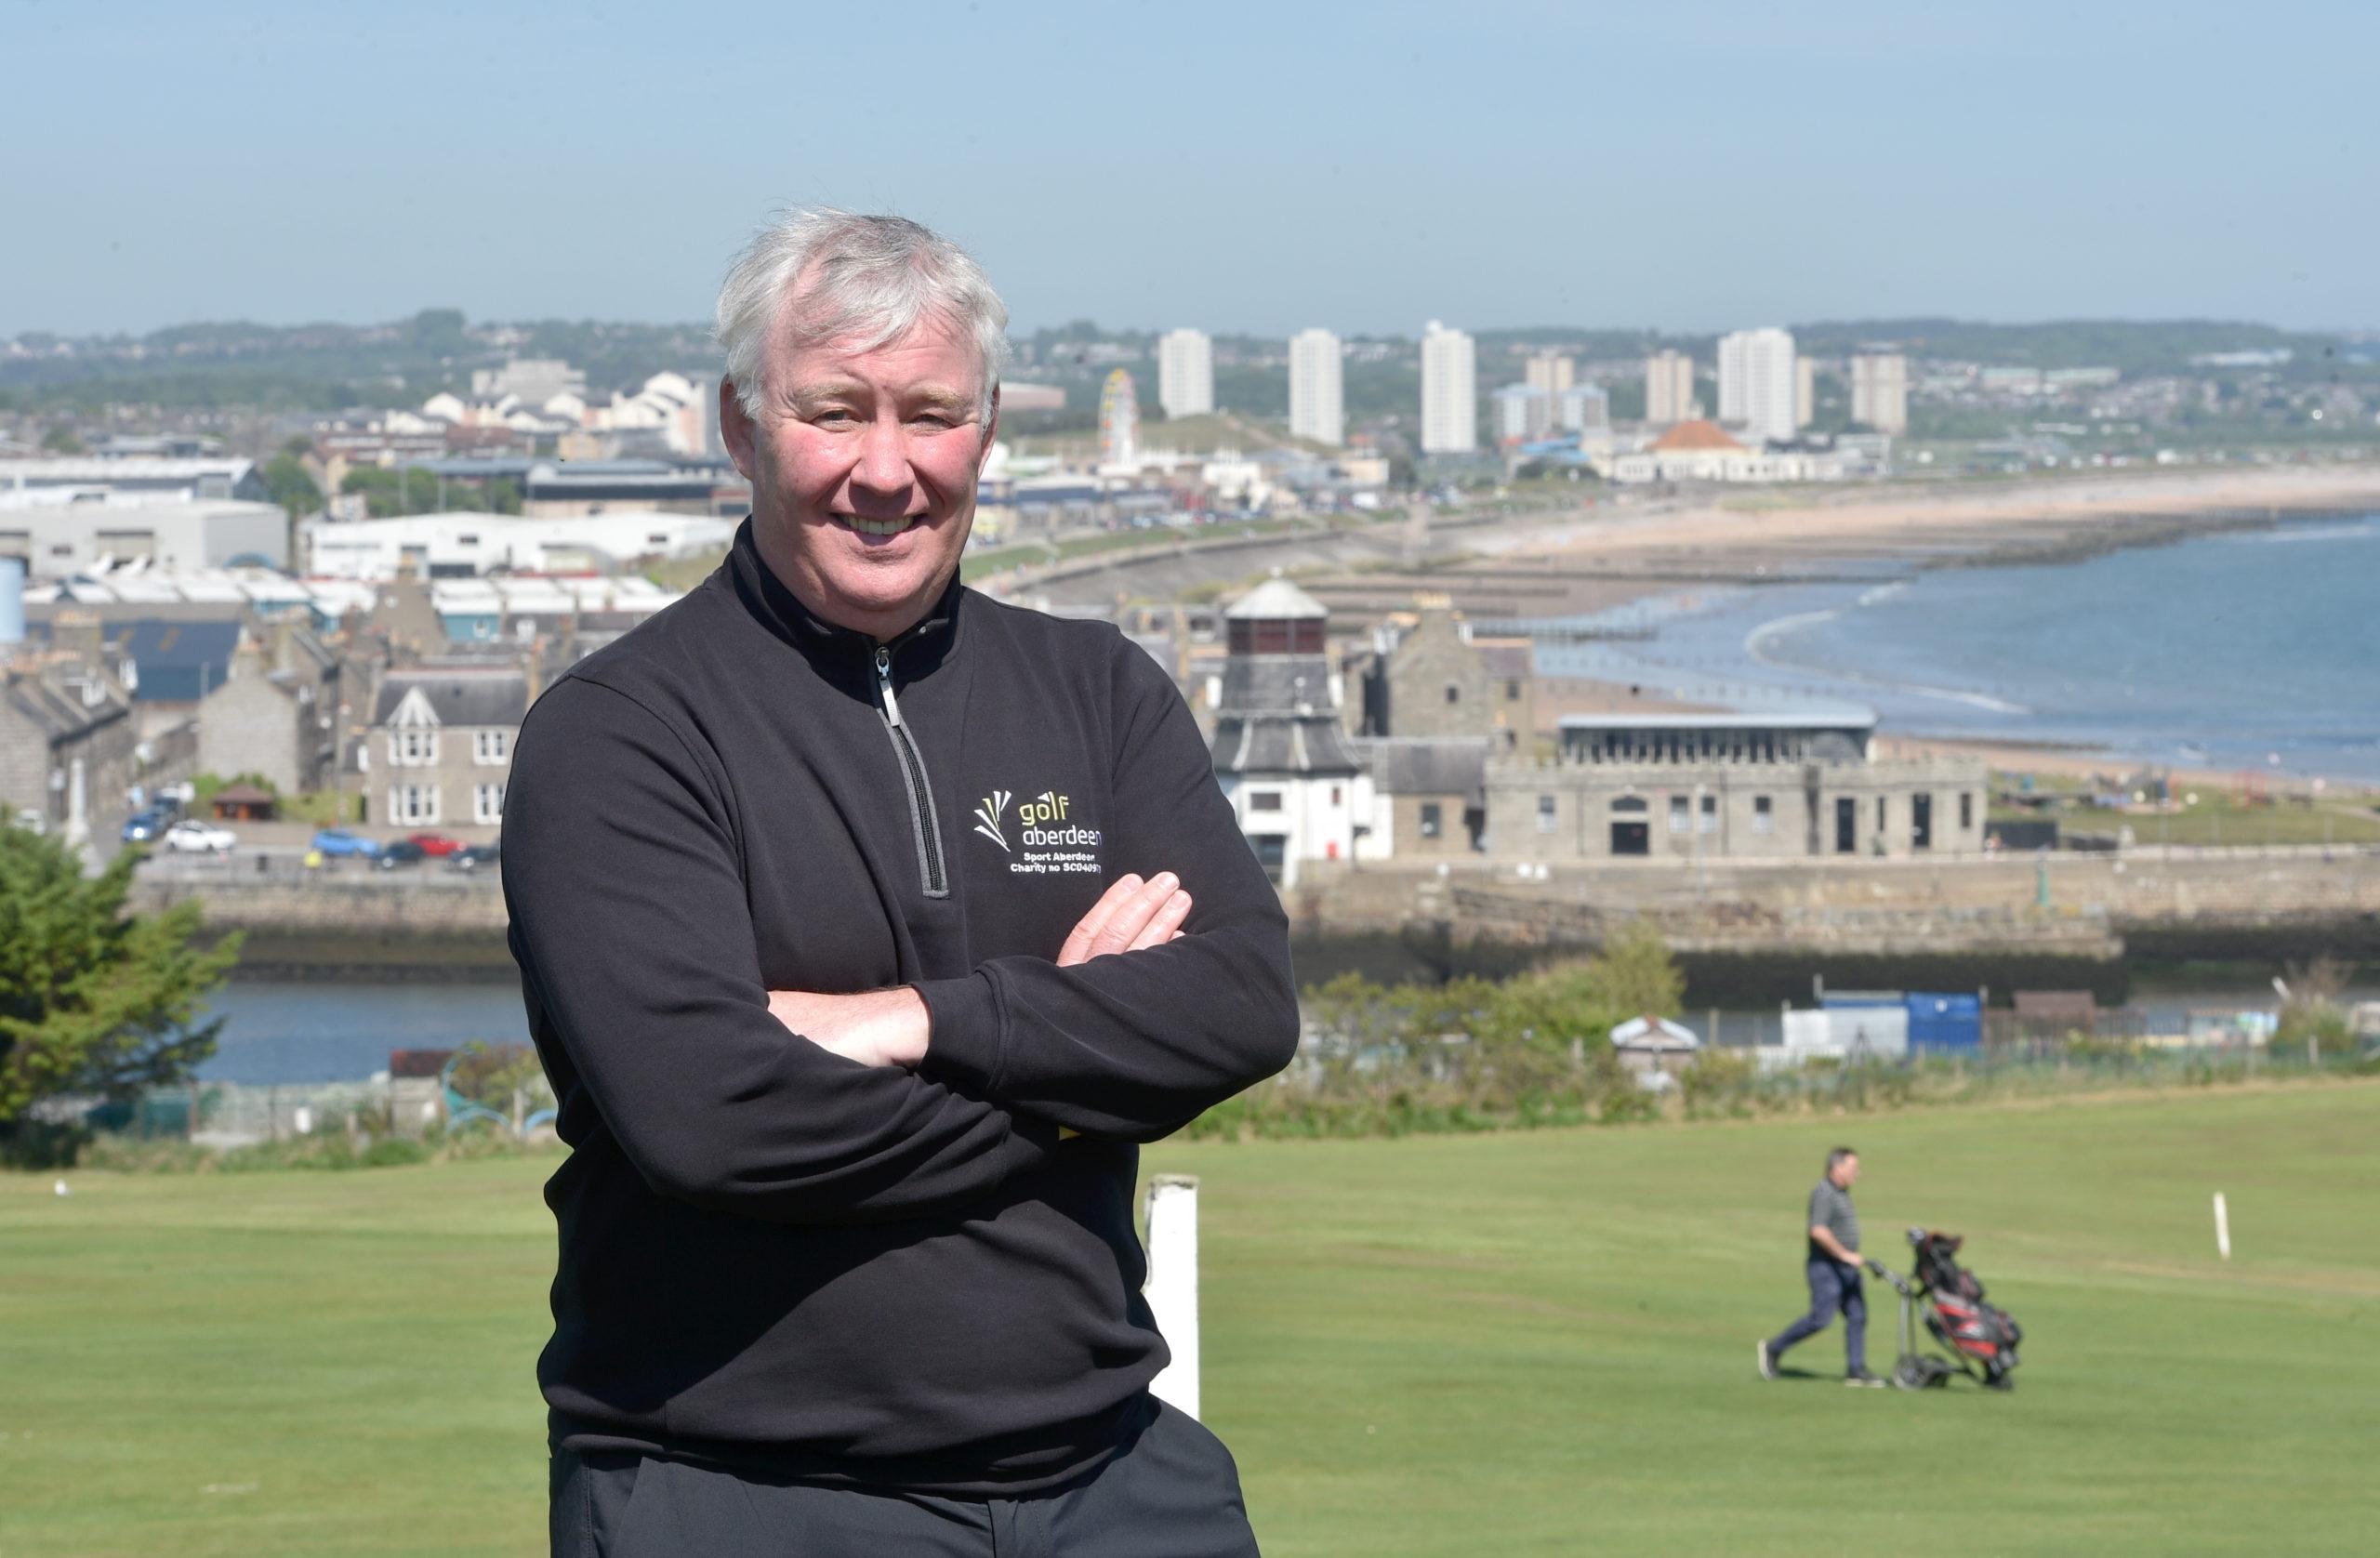 Sport Aberdeen Managing Director Alastair Robertson